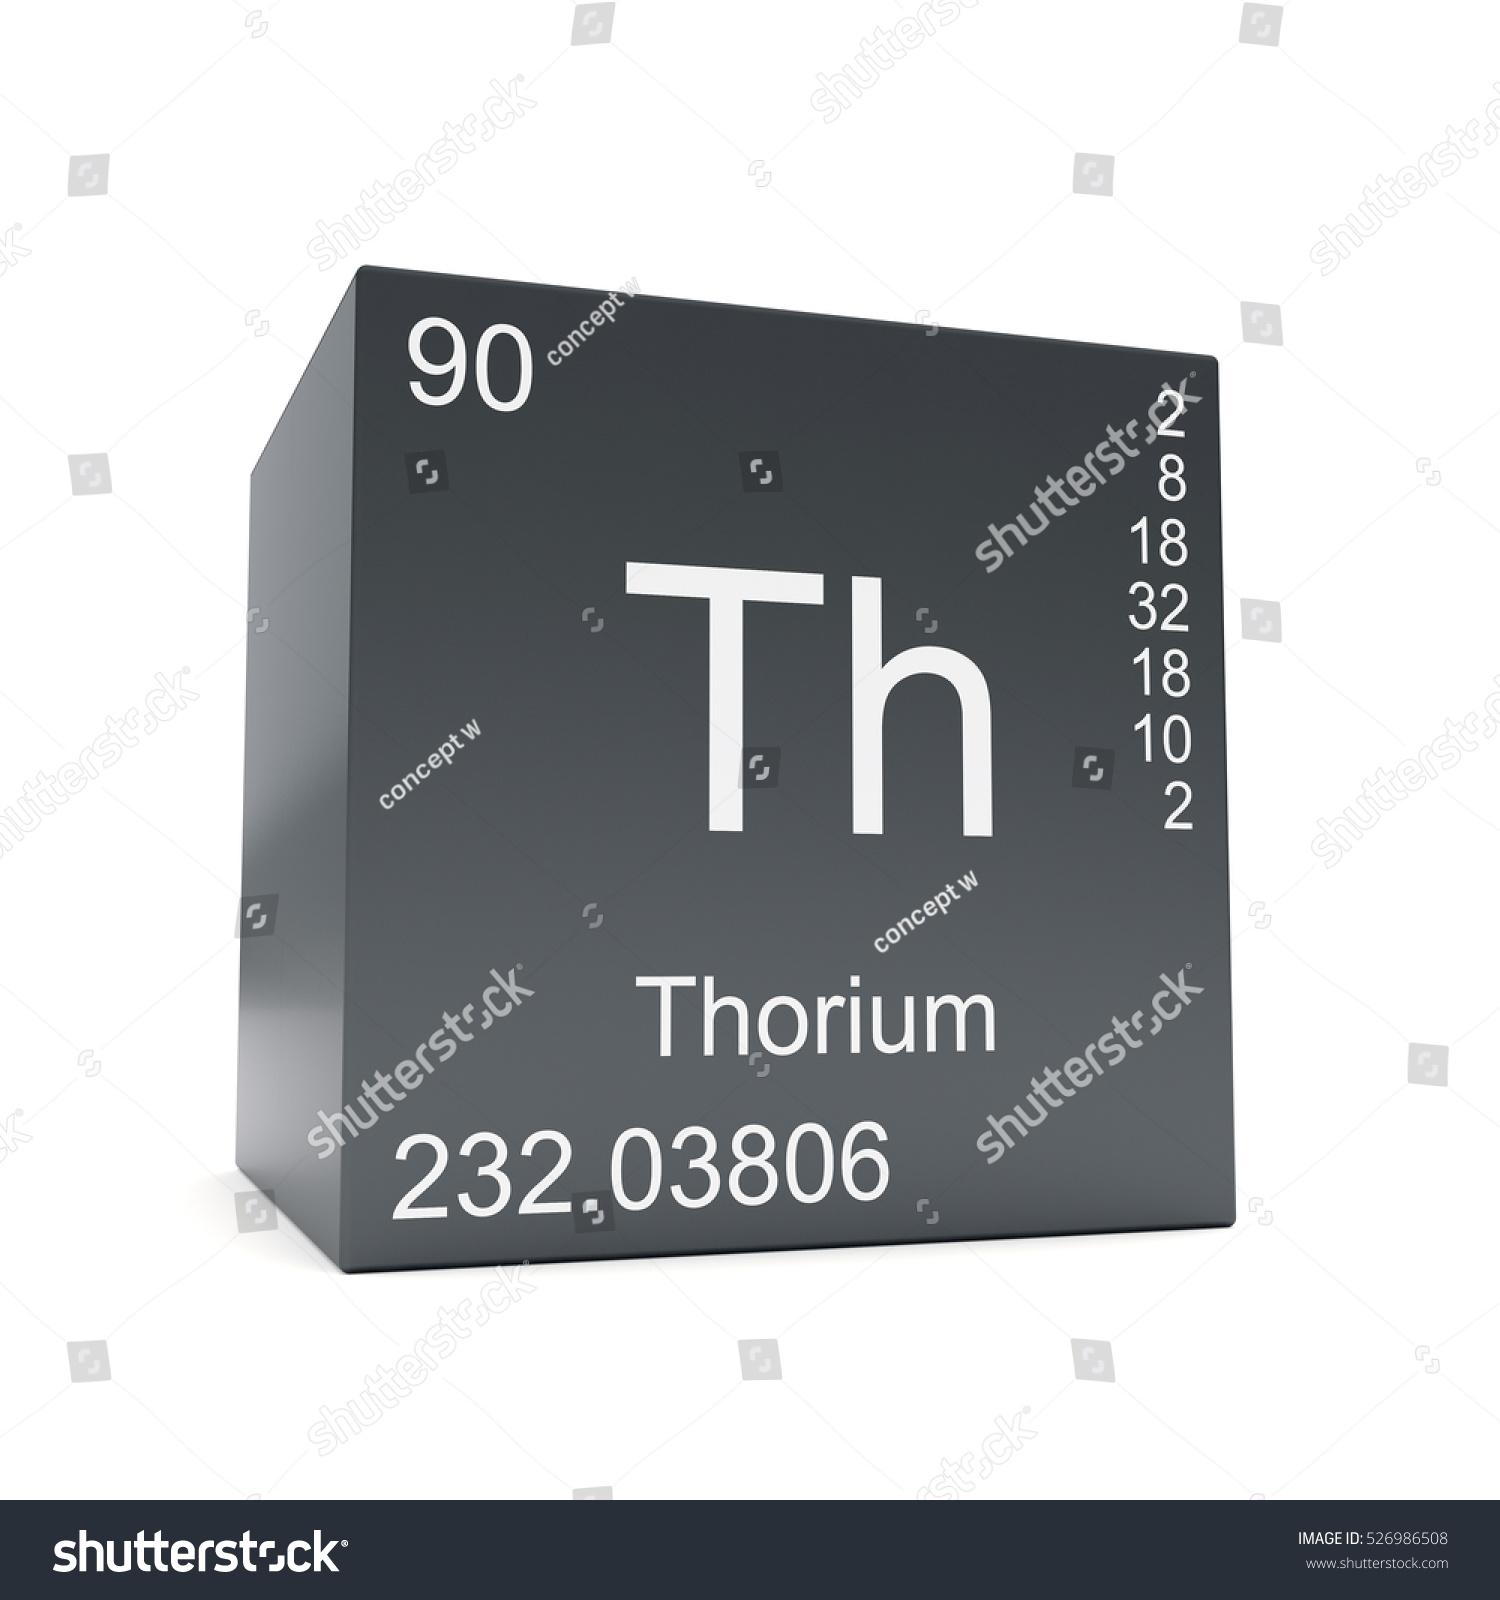 Thorium Chemical Element Symbol Periodic Table Stock Illustration